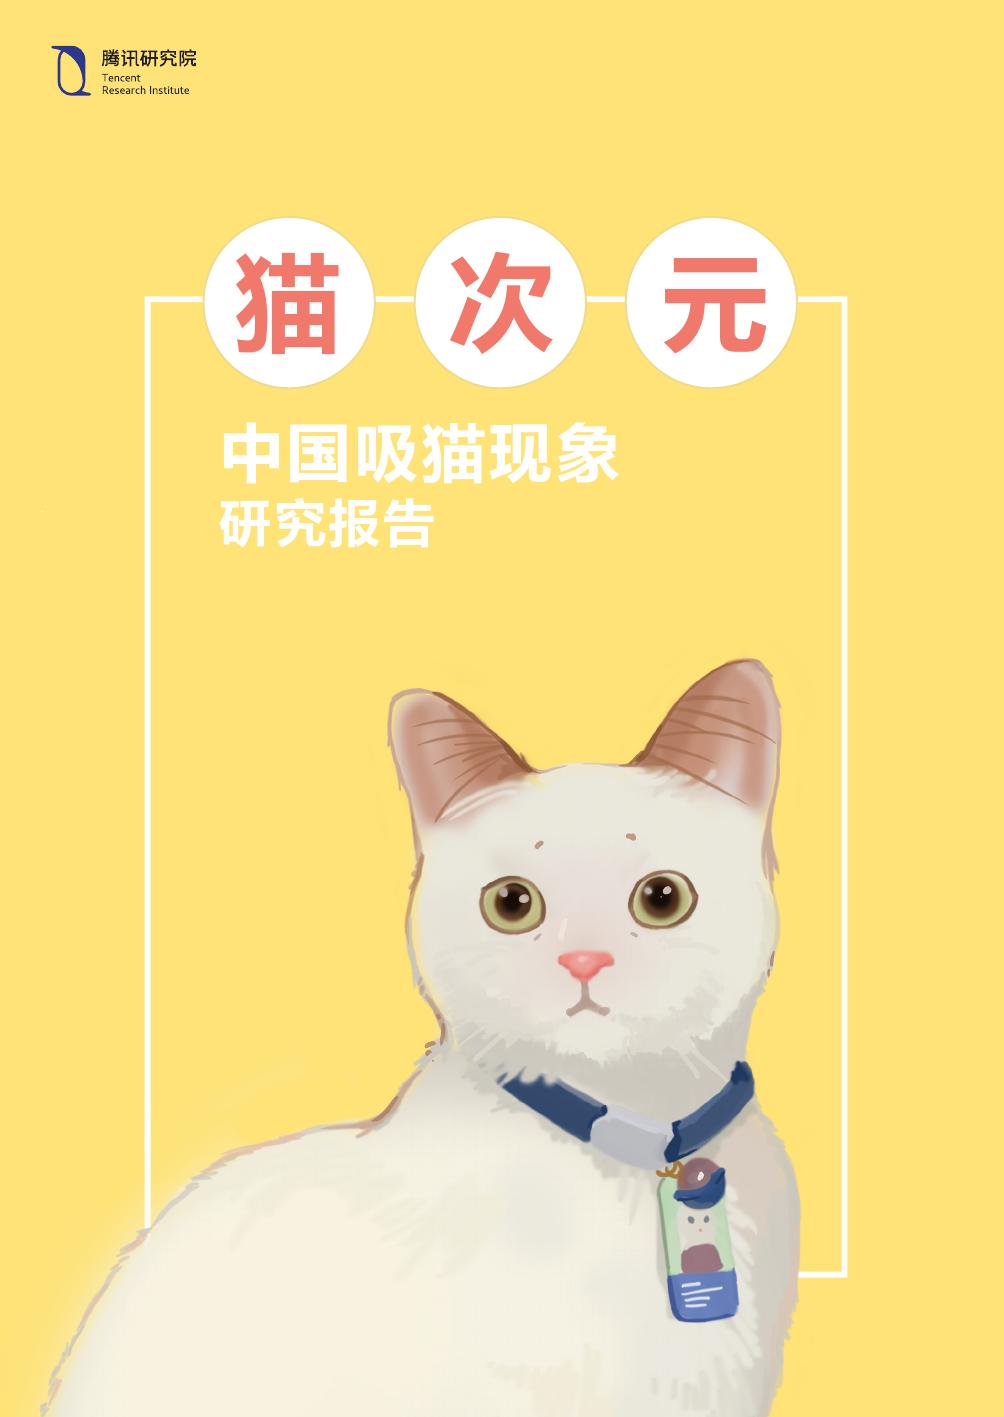 腾讯研究院:中国猫次元经济现象研究(附下载)